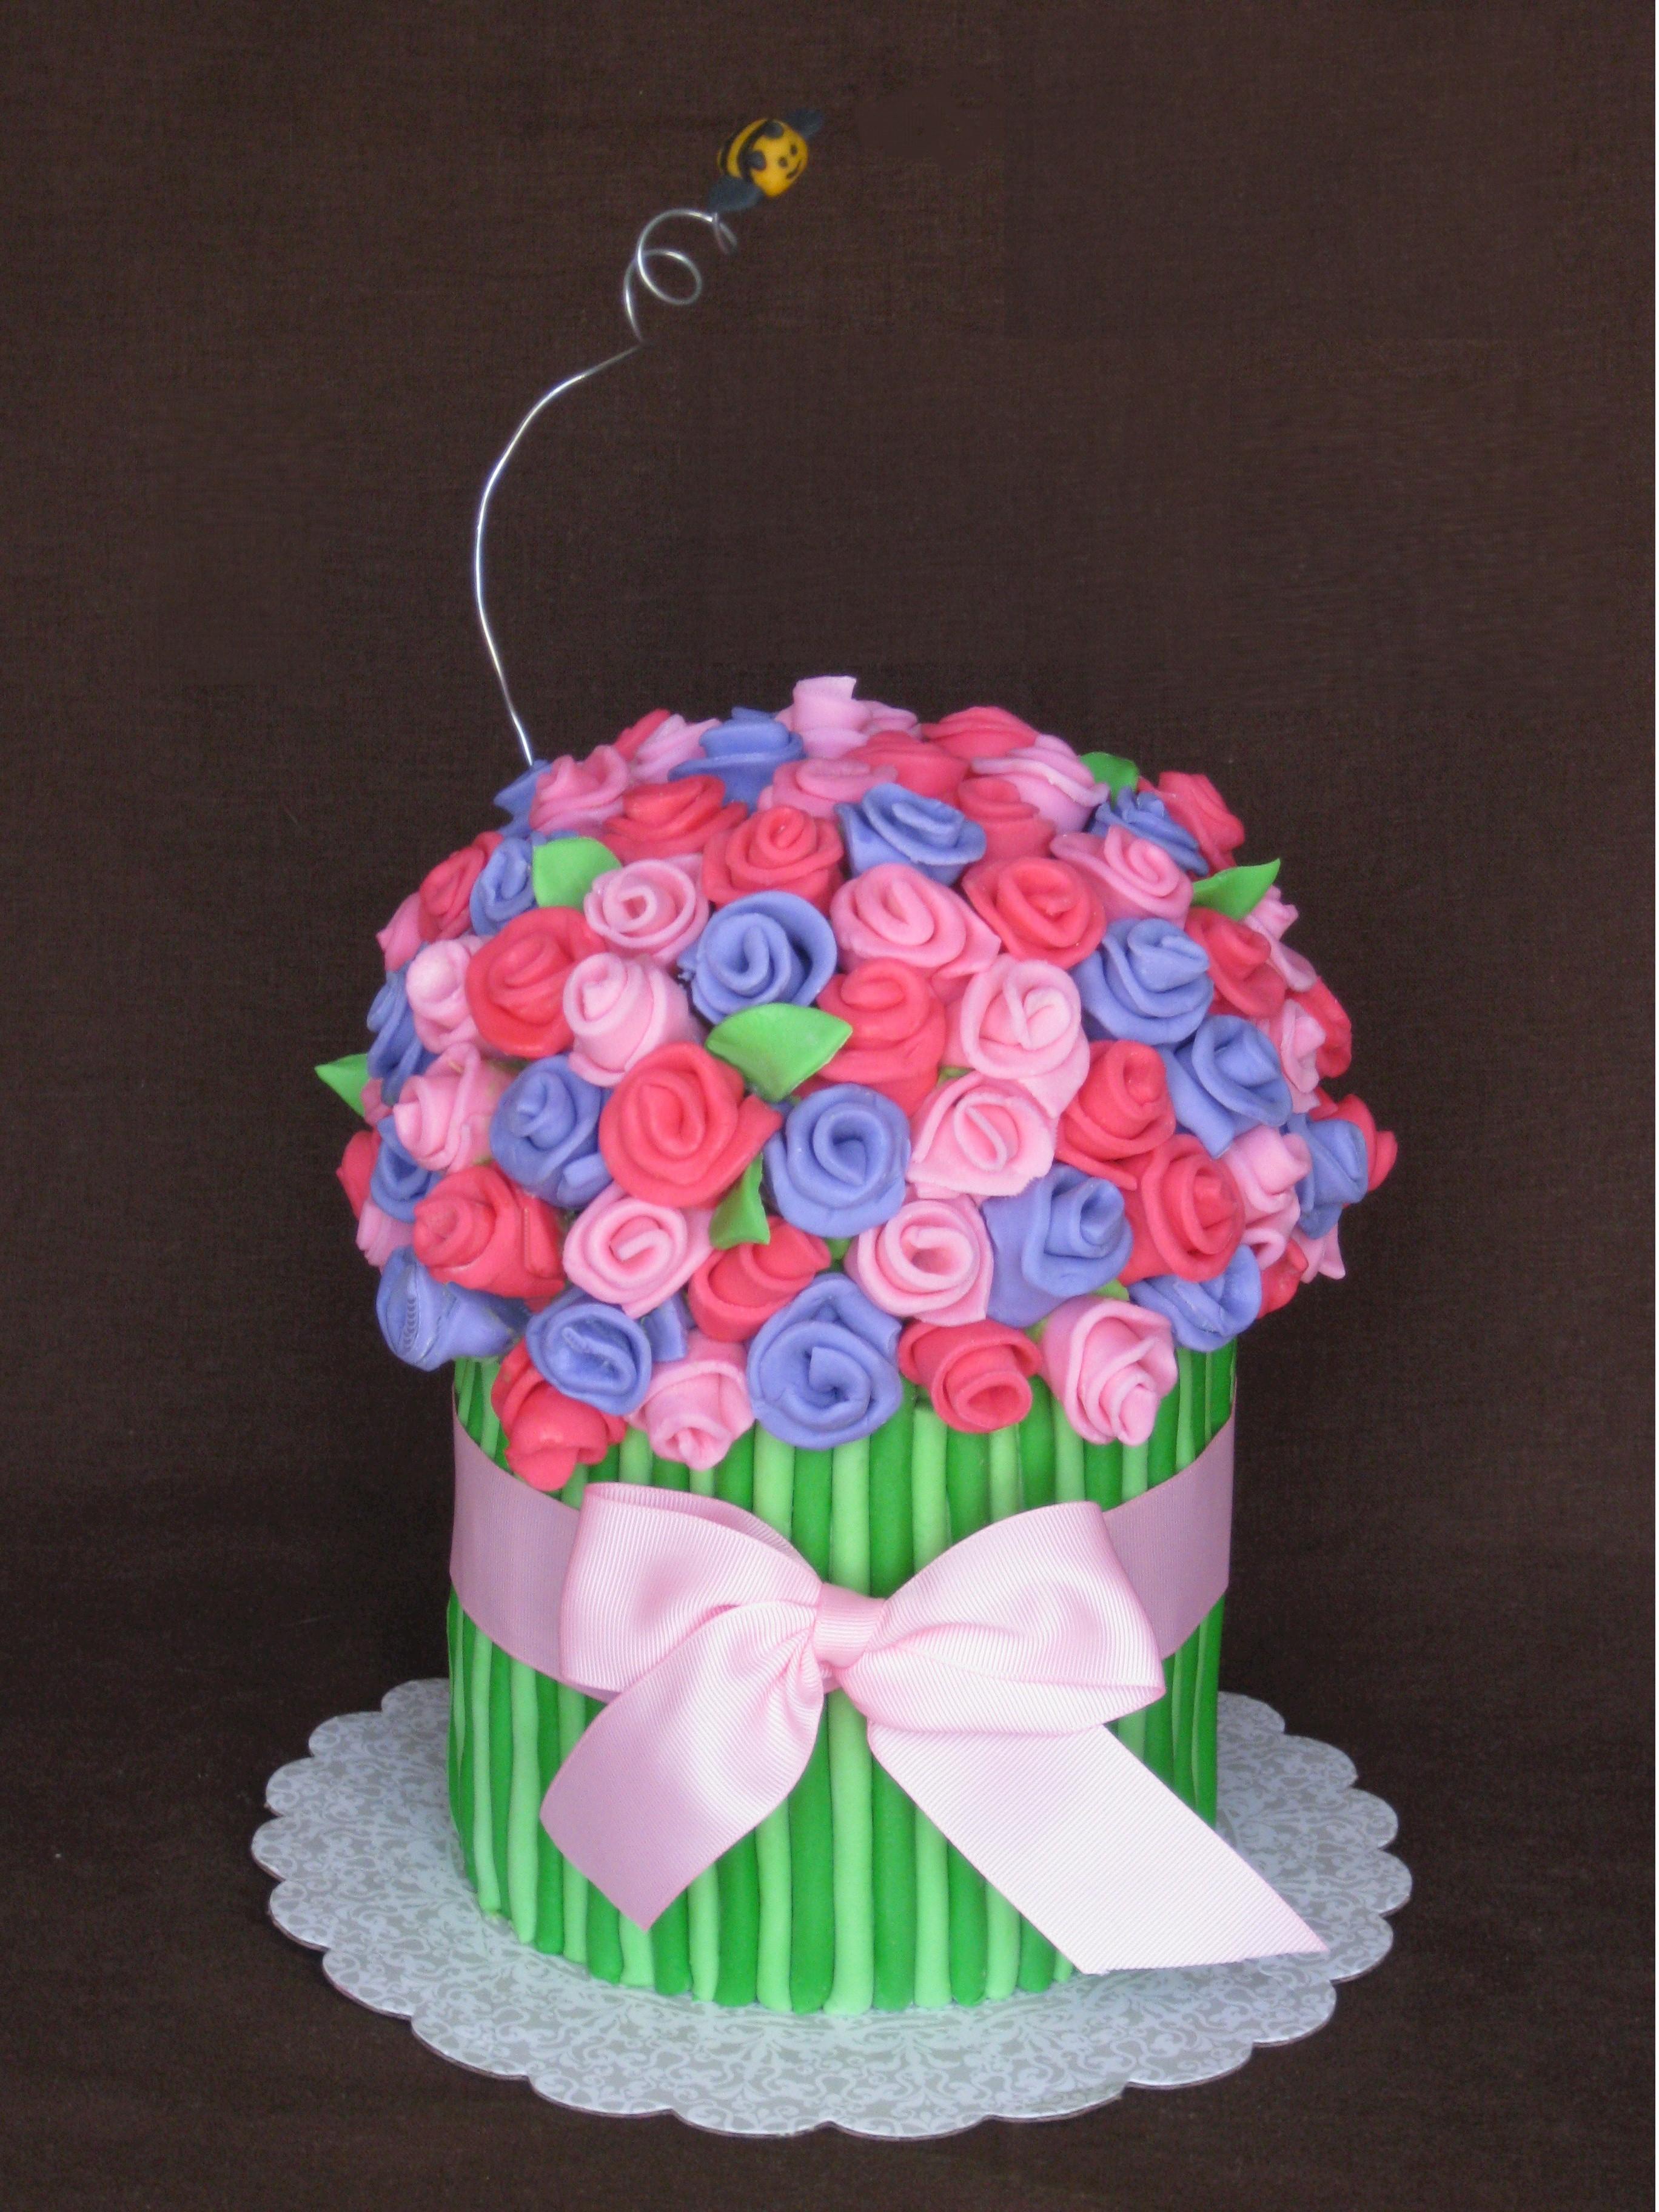 The Flower Bouquet Sweet Buttercream